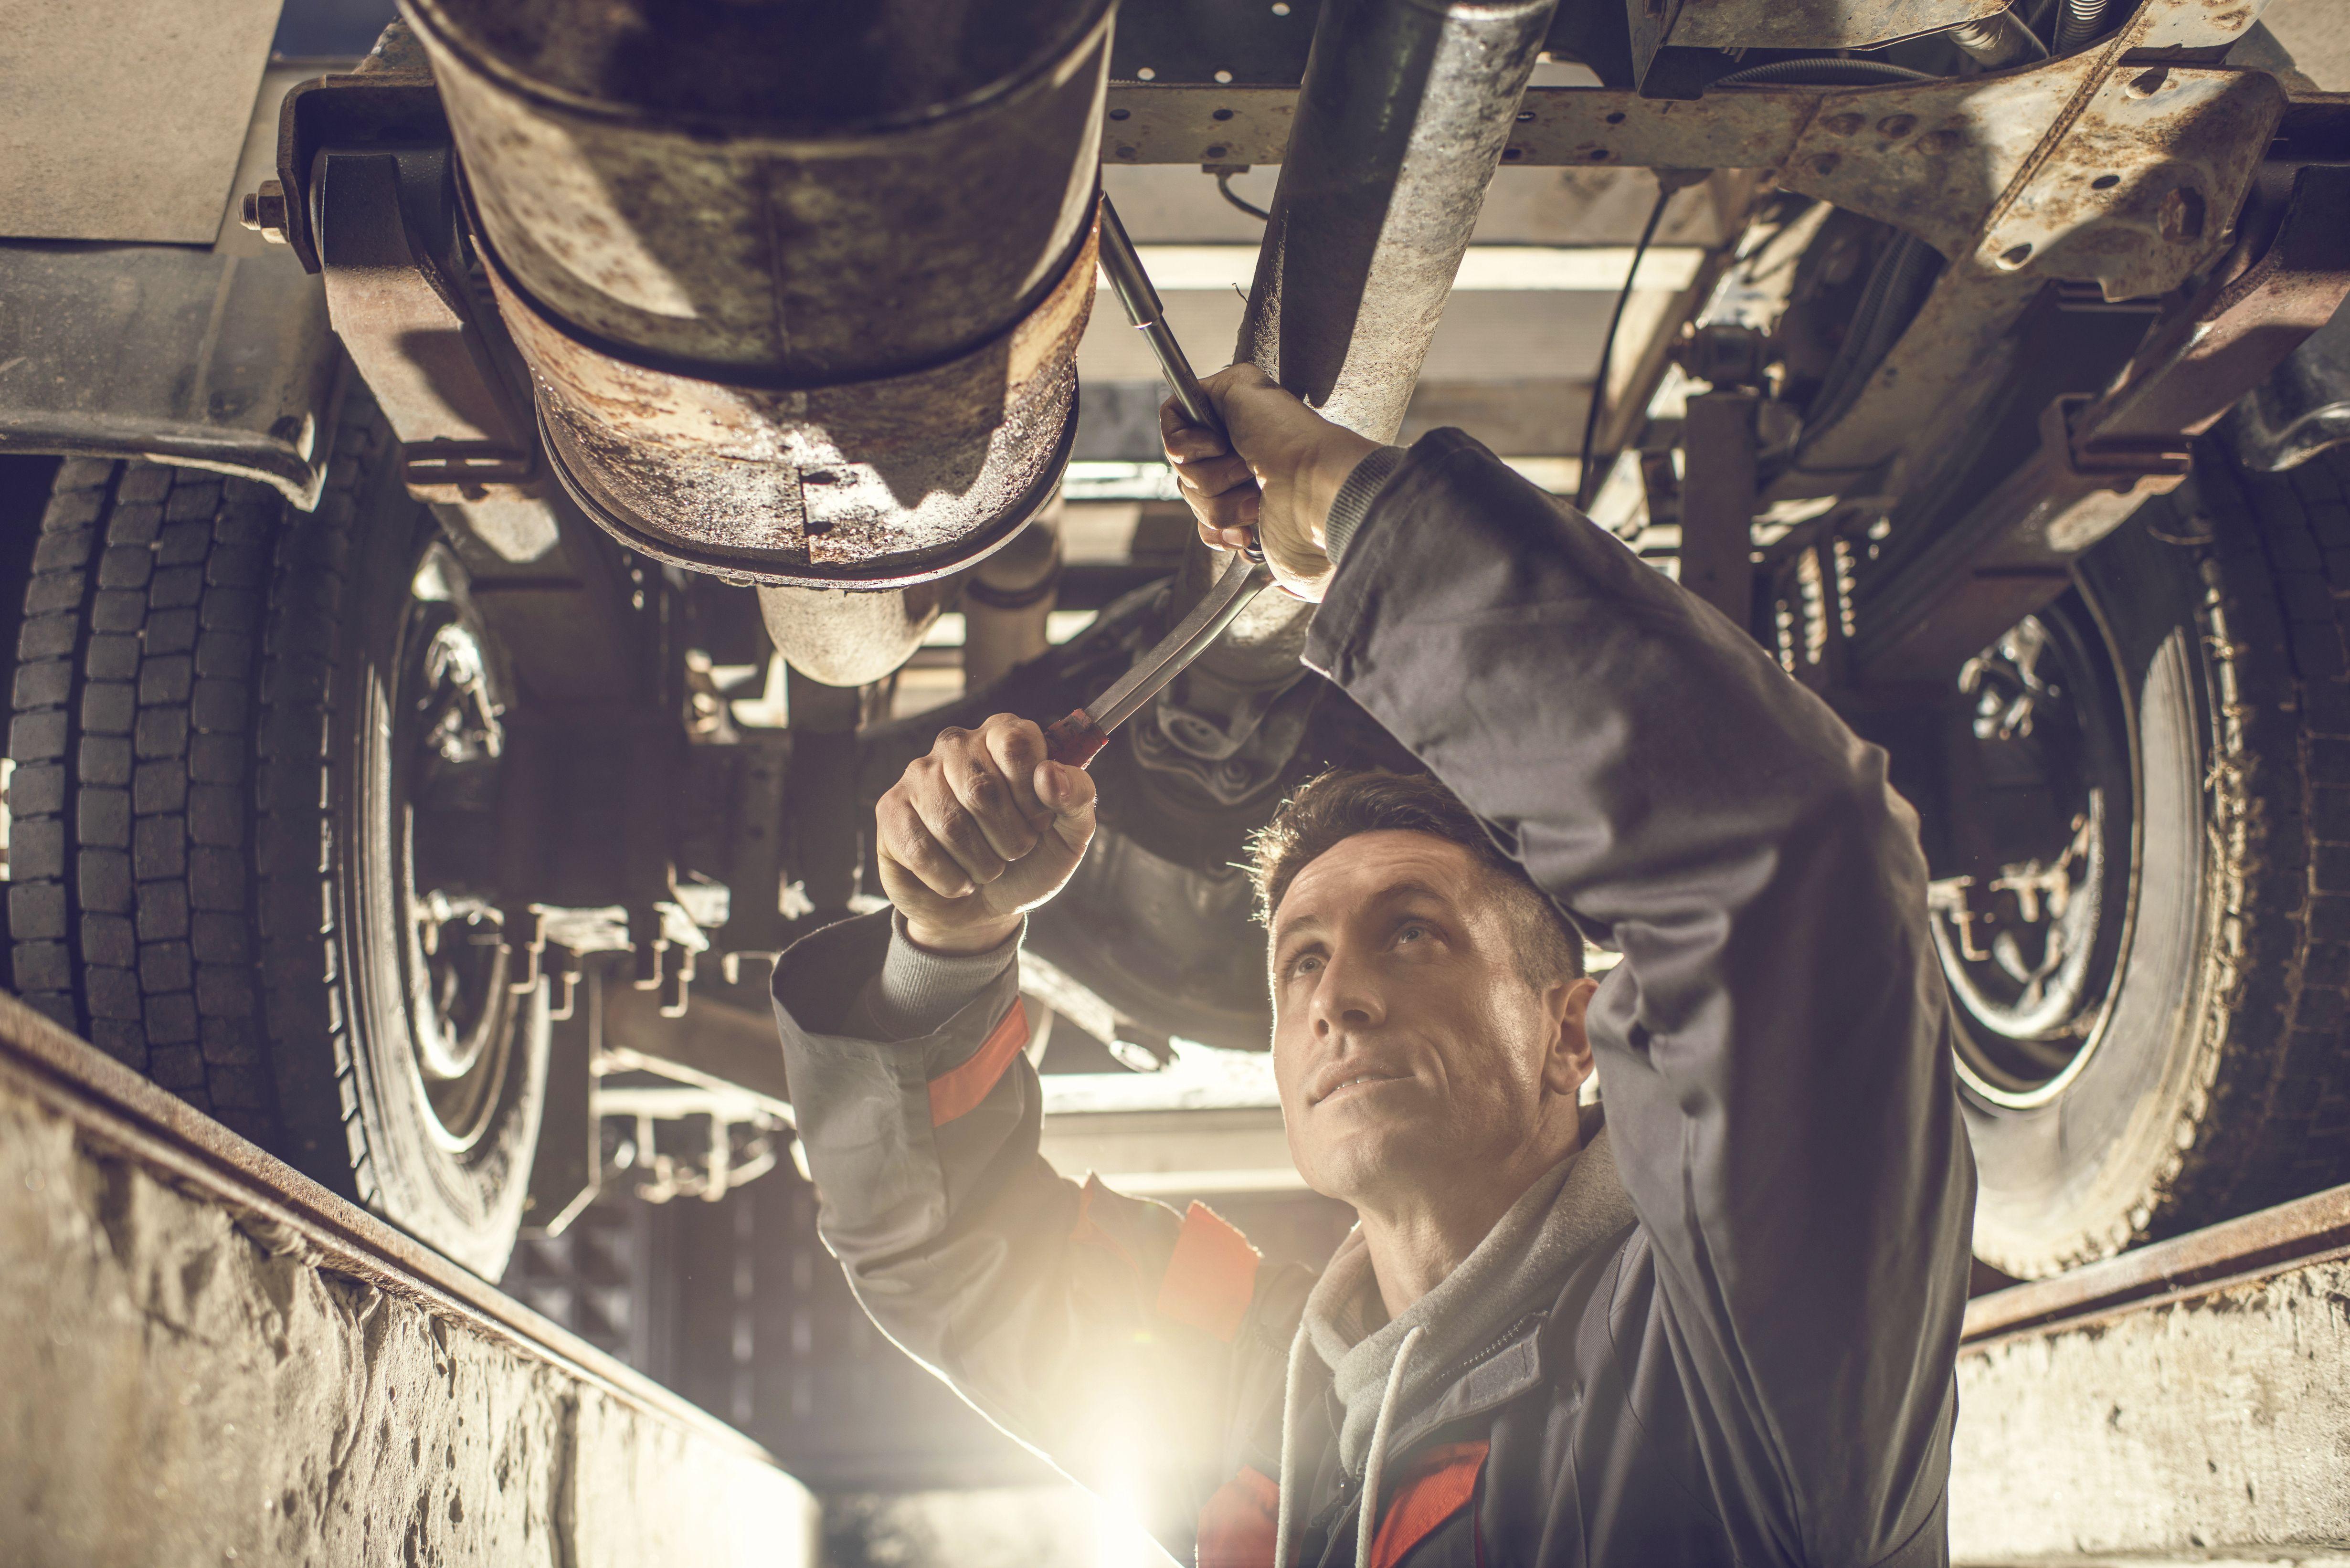 Reparación y mantenimiento de vehículos en Bilbao